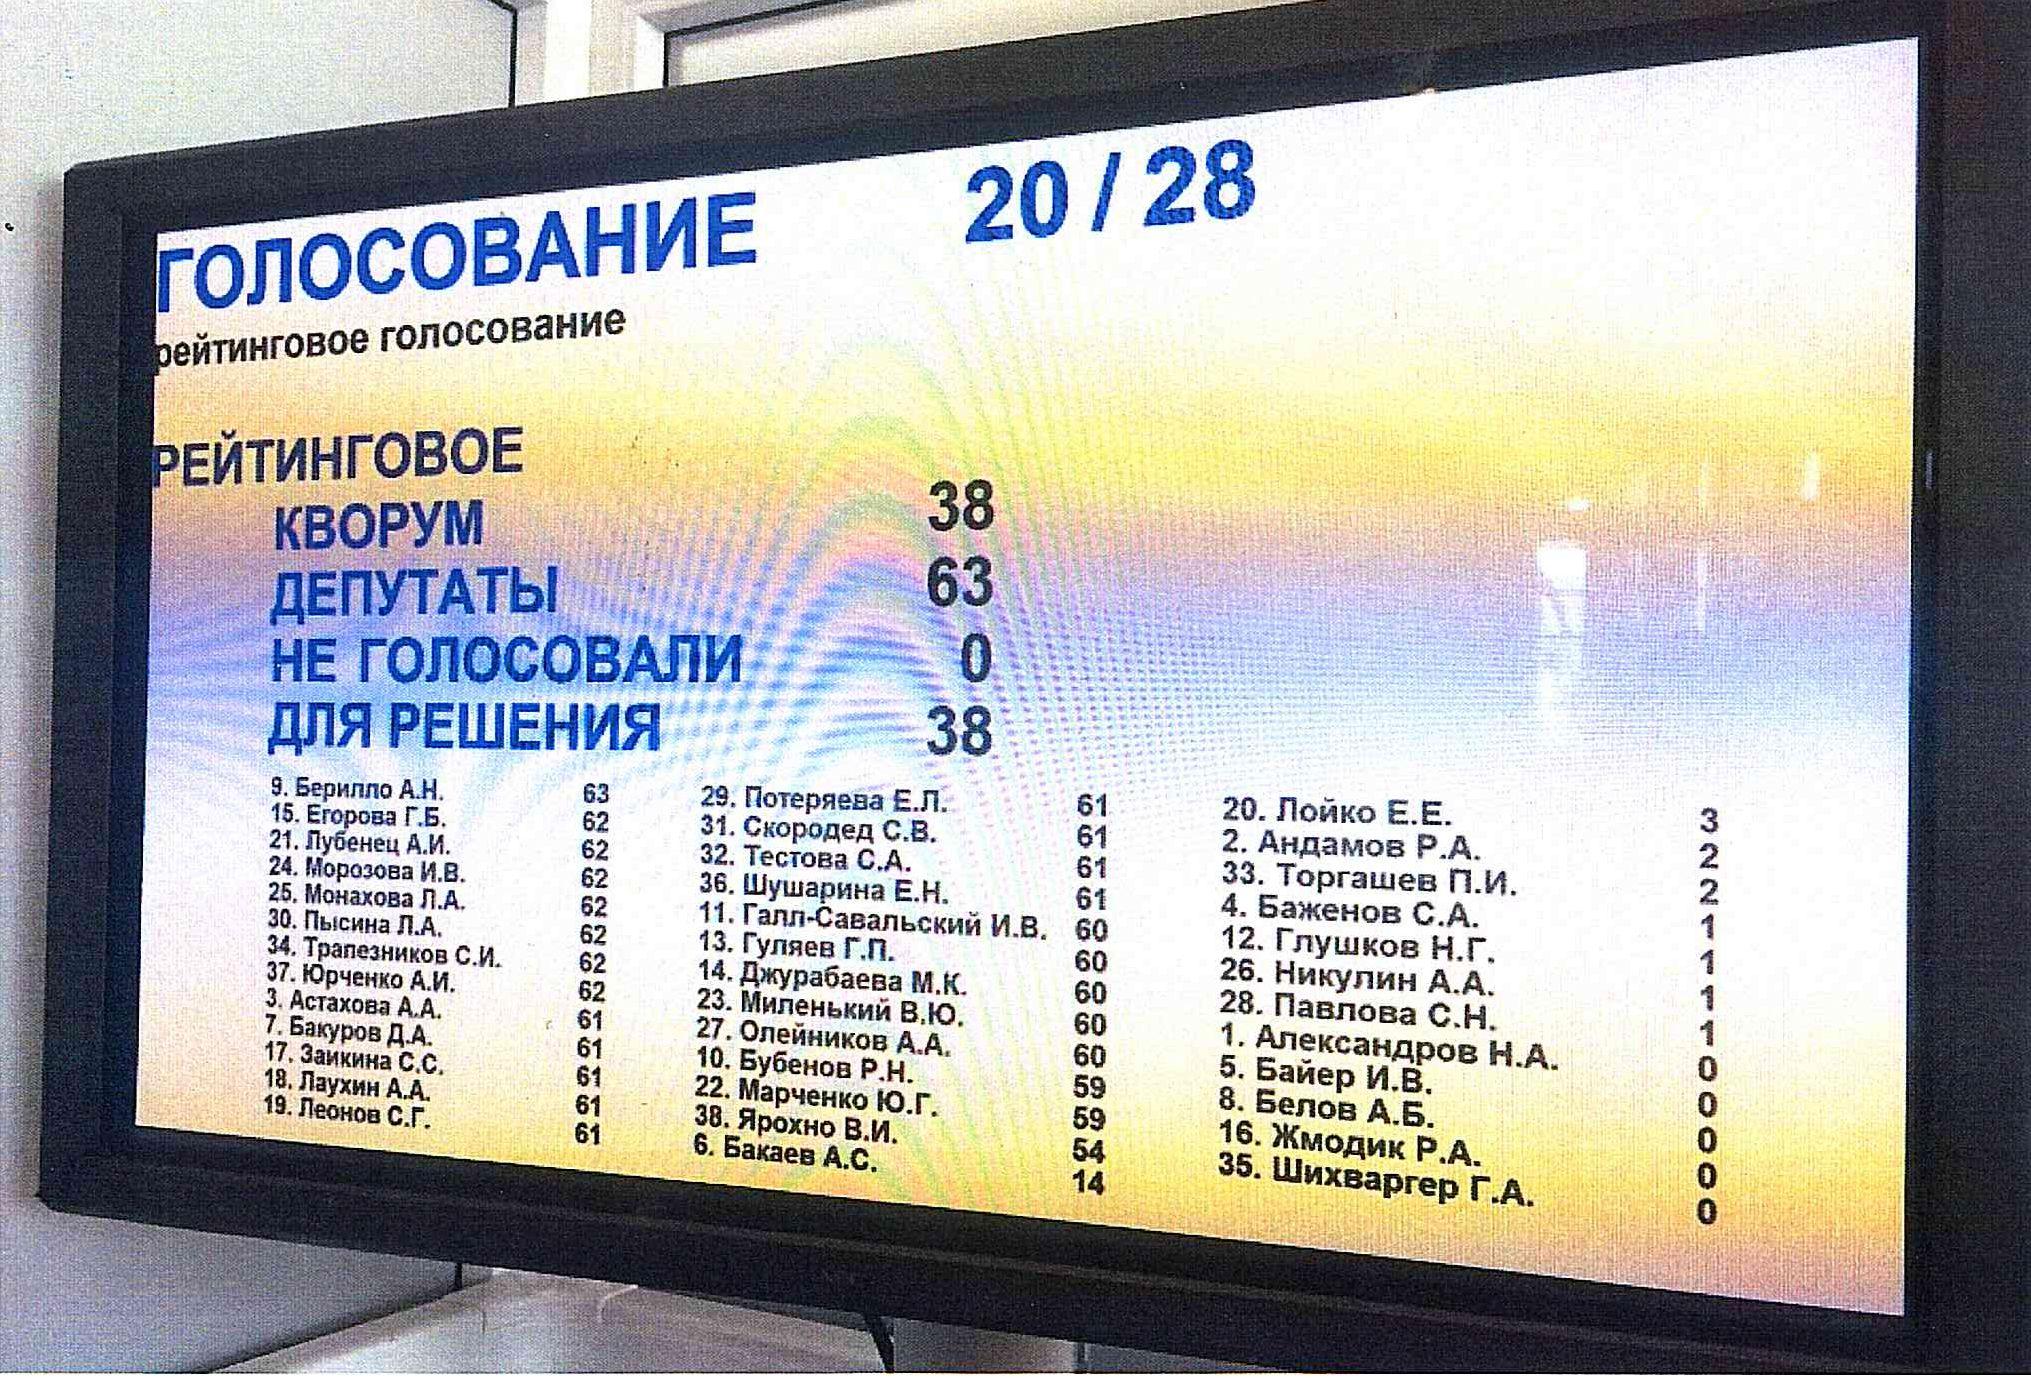 Утвержден список членов Общественной палаты Новосибирской области